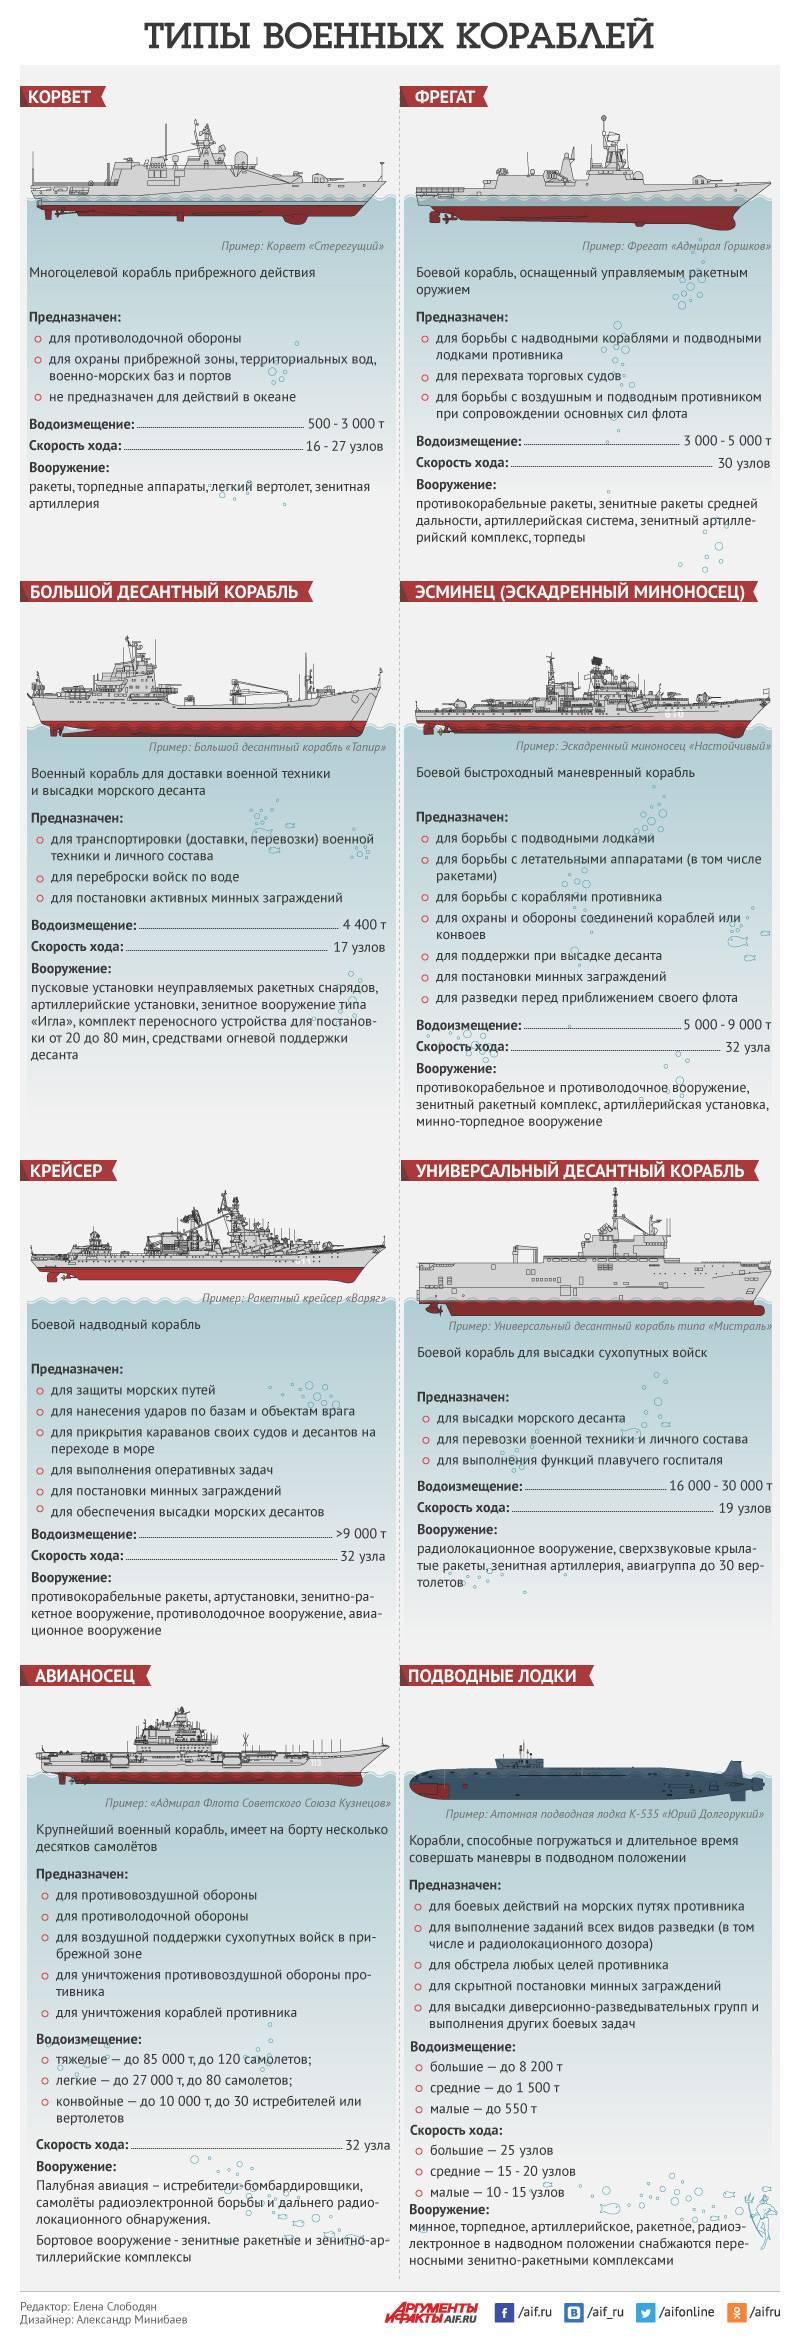 Какие корабли состоят на вооружении ВМФ России? Инфографика